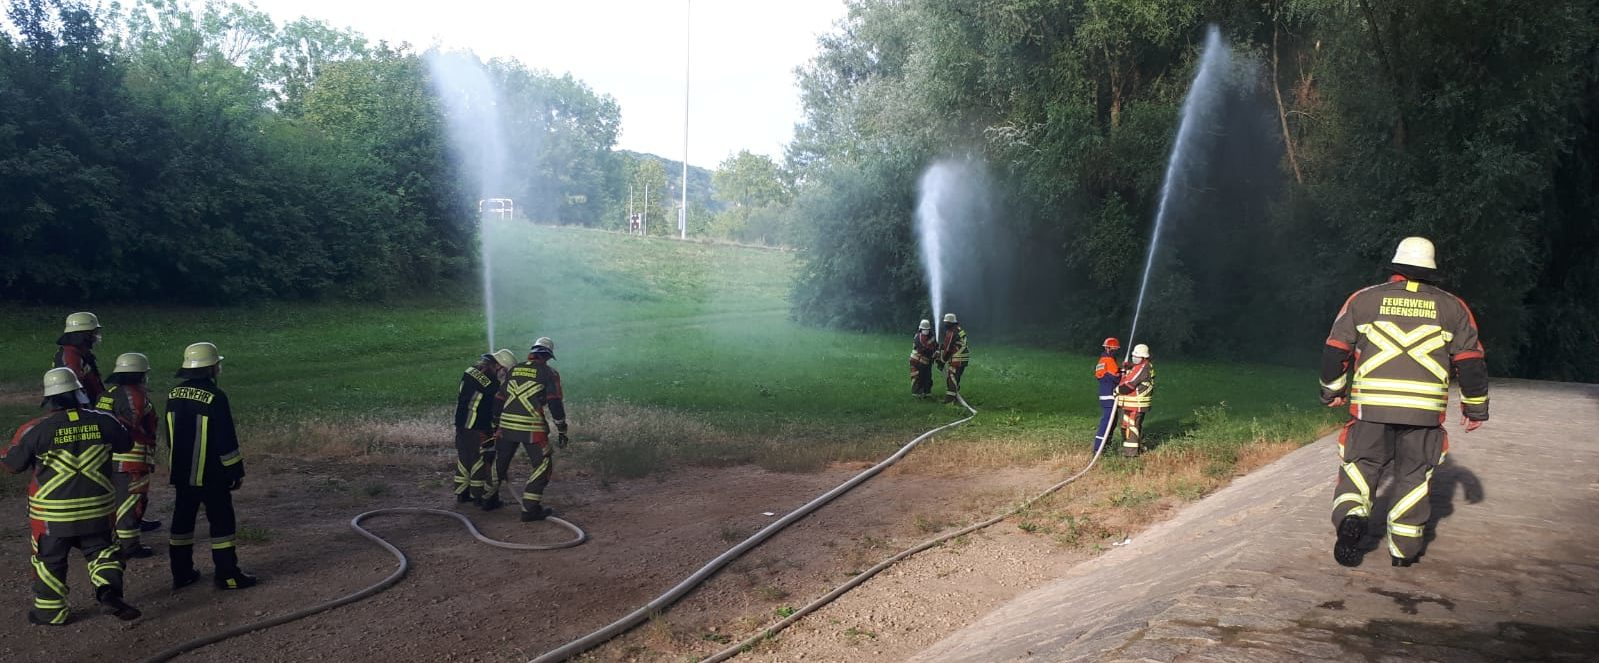 Übung - Löschangriff mit Wasserentnahme aus offenem Gewässer